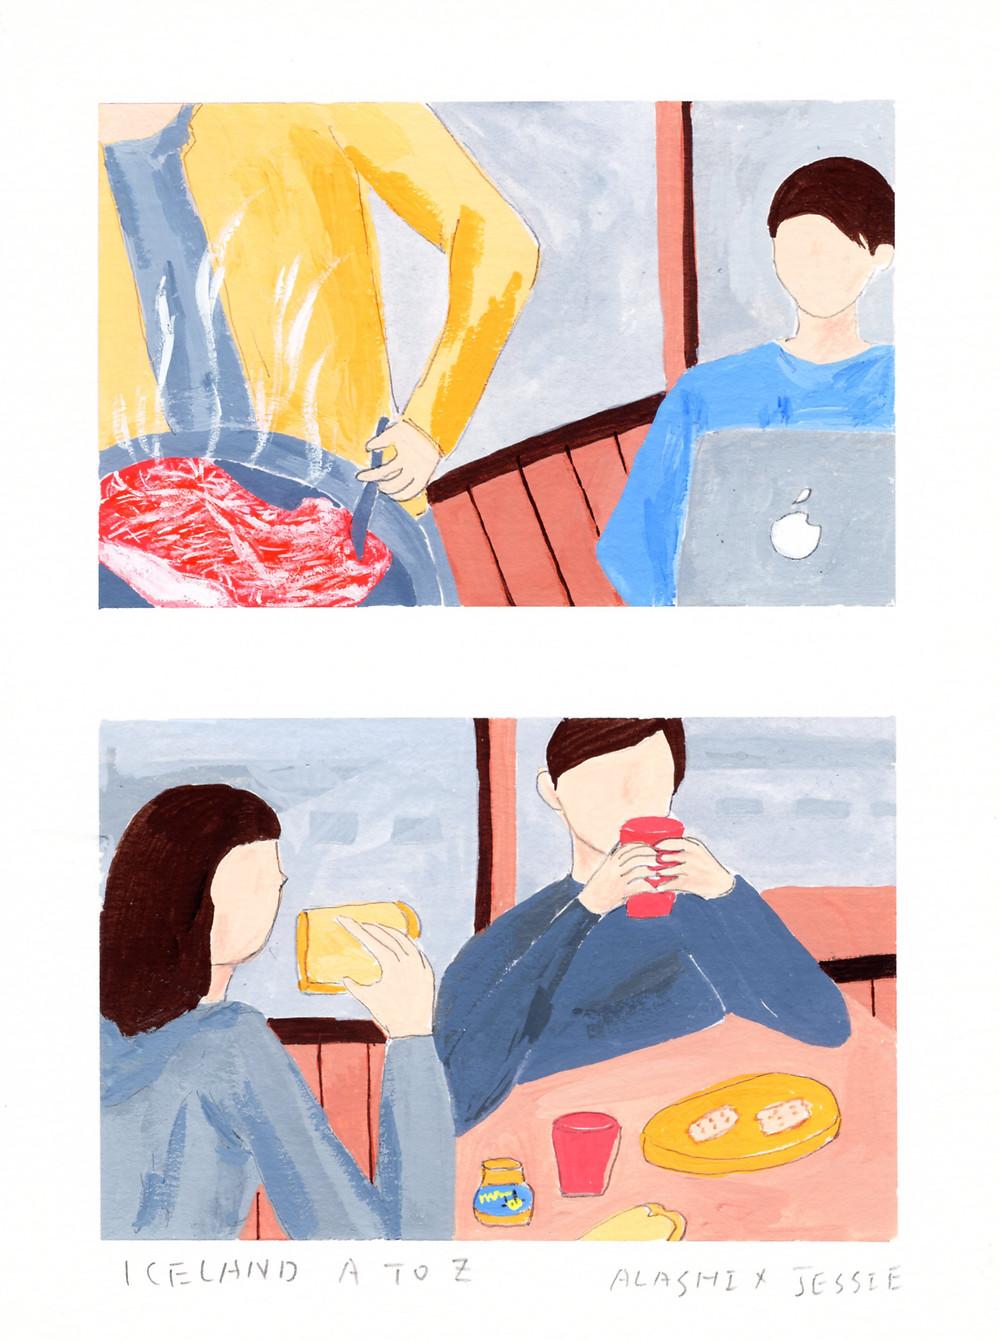 發覺自己畫了太多相似的場景,這篇是要表達,每次在露營區,外國人總是優雅地吃著麵包果醬和餅乾,但是我們老是想吃油煙很大的牛排羊排或是泡麵(看當天騎車累的程度,決定是否能有耐心的煮食~~哈